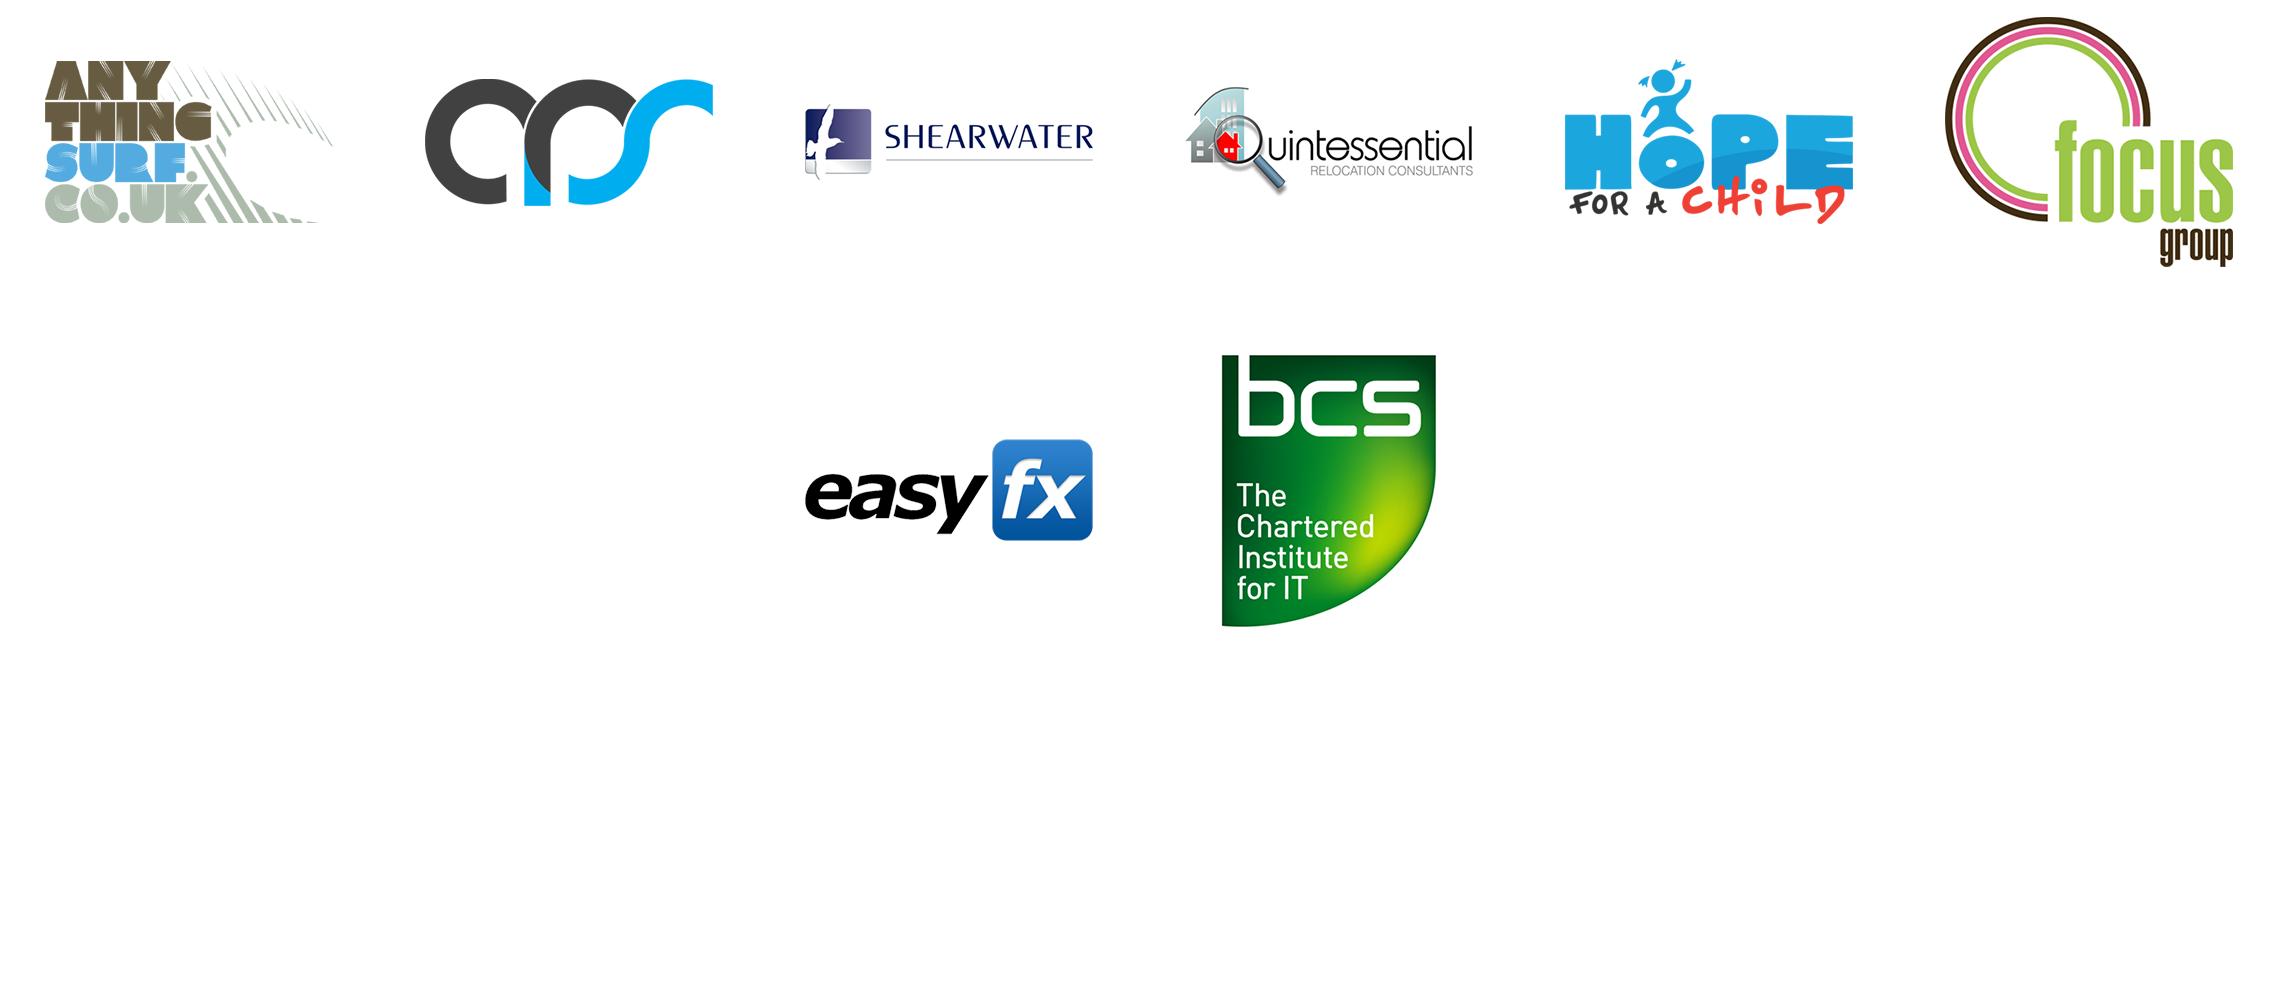 client-logo-slide-3b